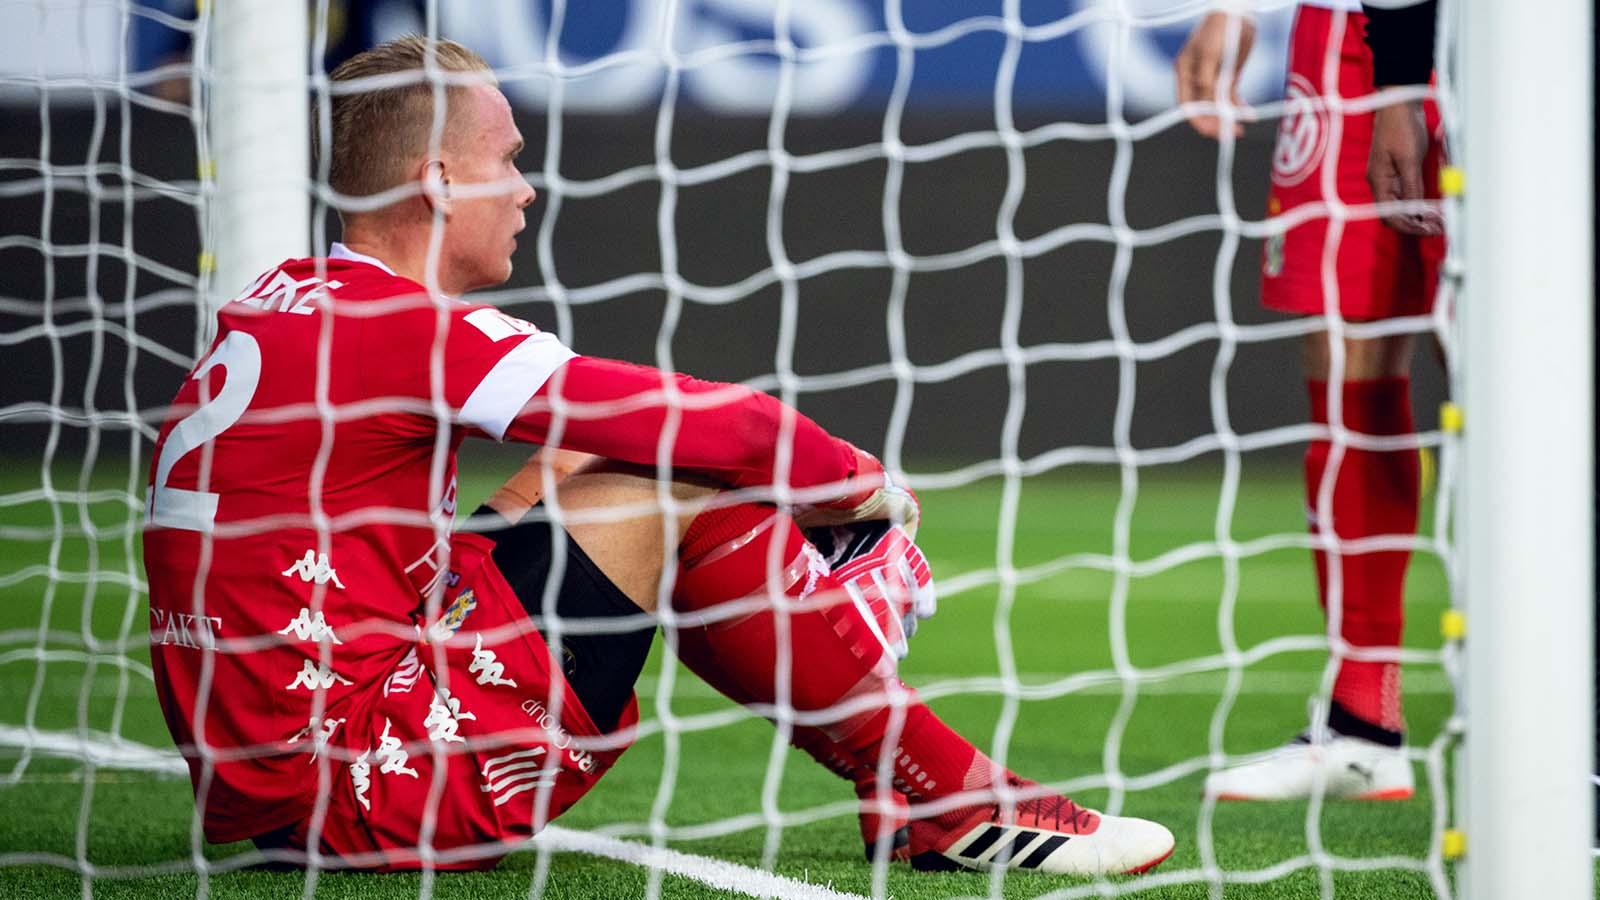 180521 IFK Göteborgs målvakt Pontus Dahlberg deppar efter fotbollsmatchen i Allsvenskan mellan Elfsborg och IFK Göteborg den 21 maj 2018 i Borås. Foto: Jörgen Jarnberger / BILDBYRÅN / Kod JJ / Cop 112